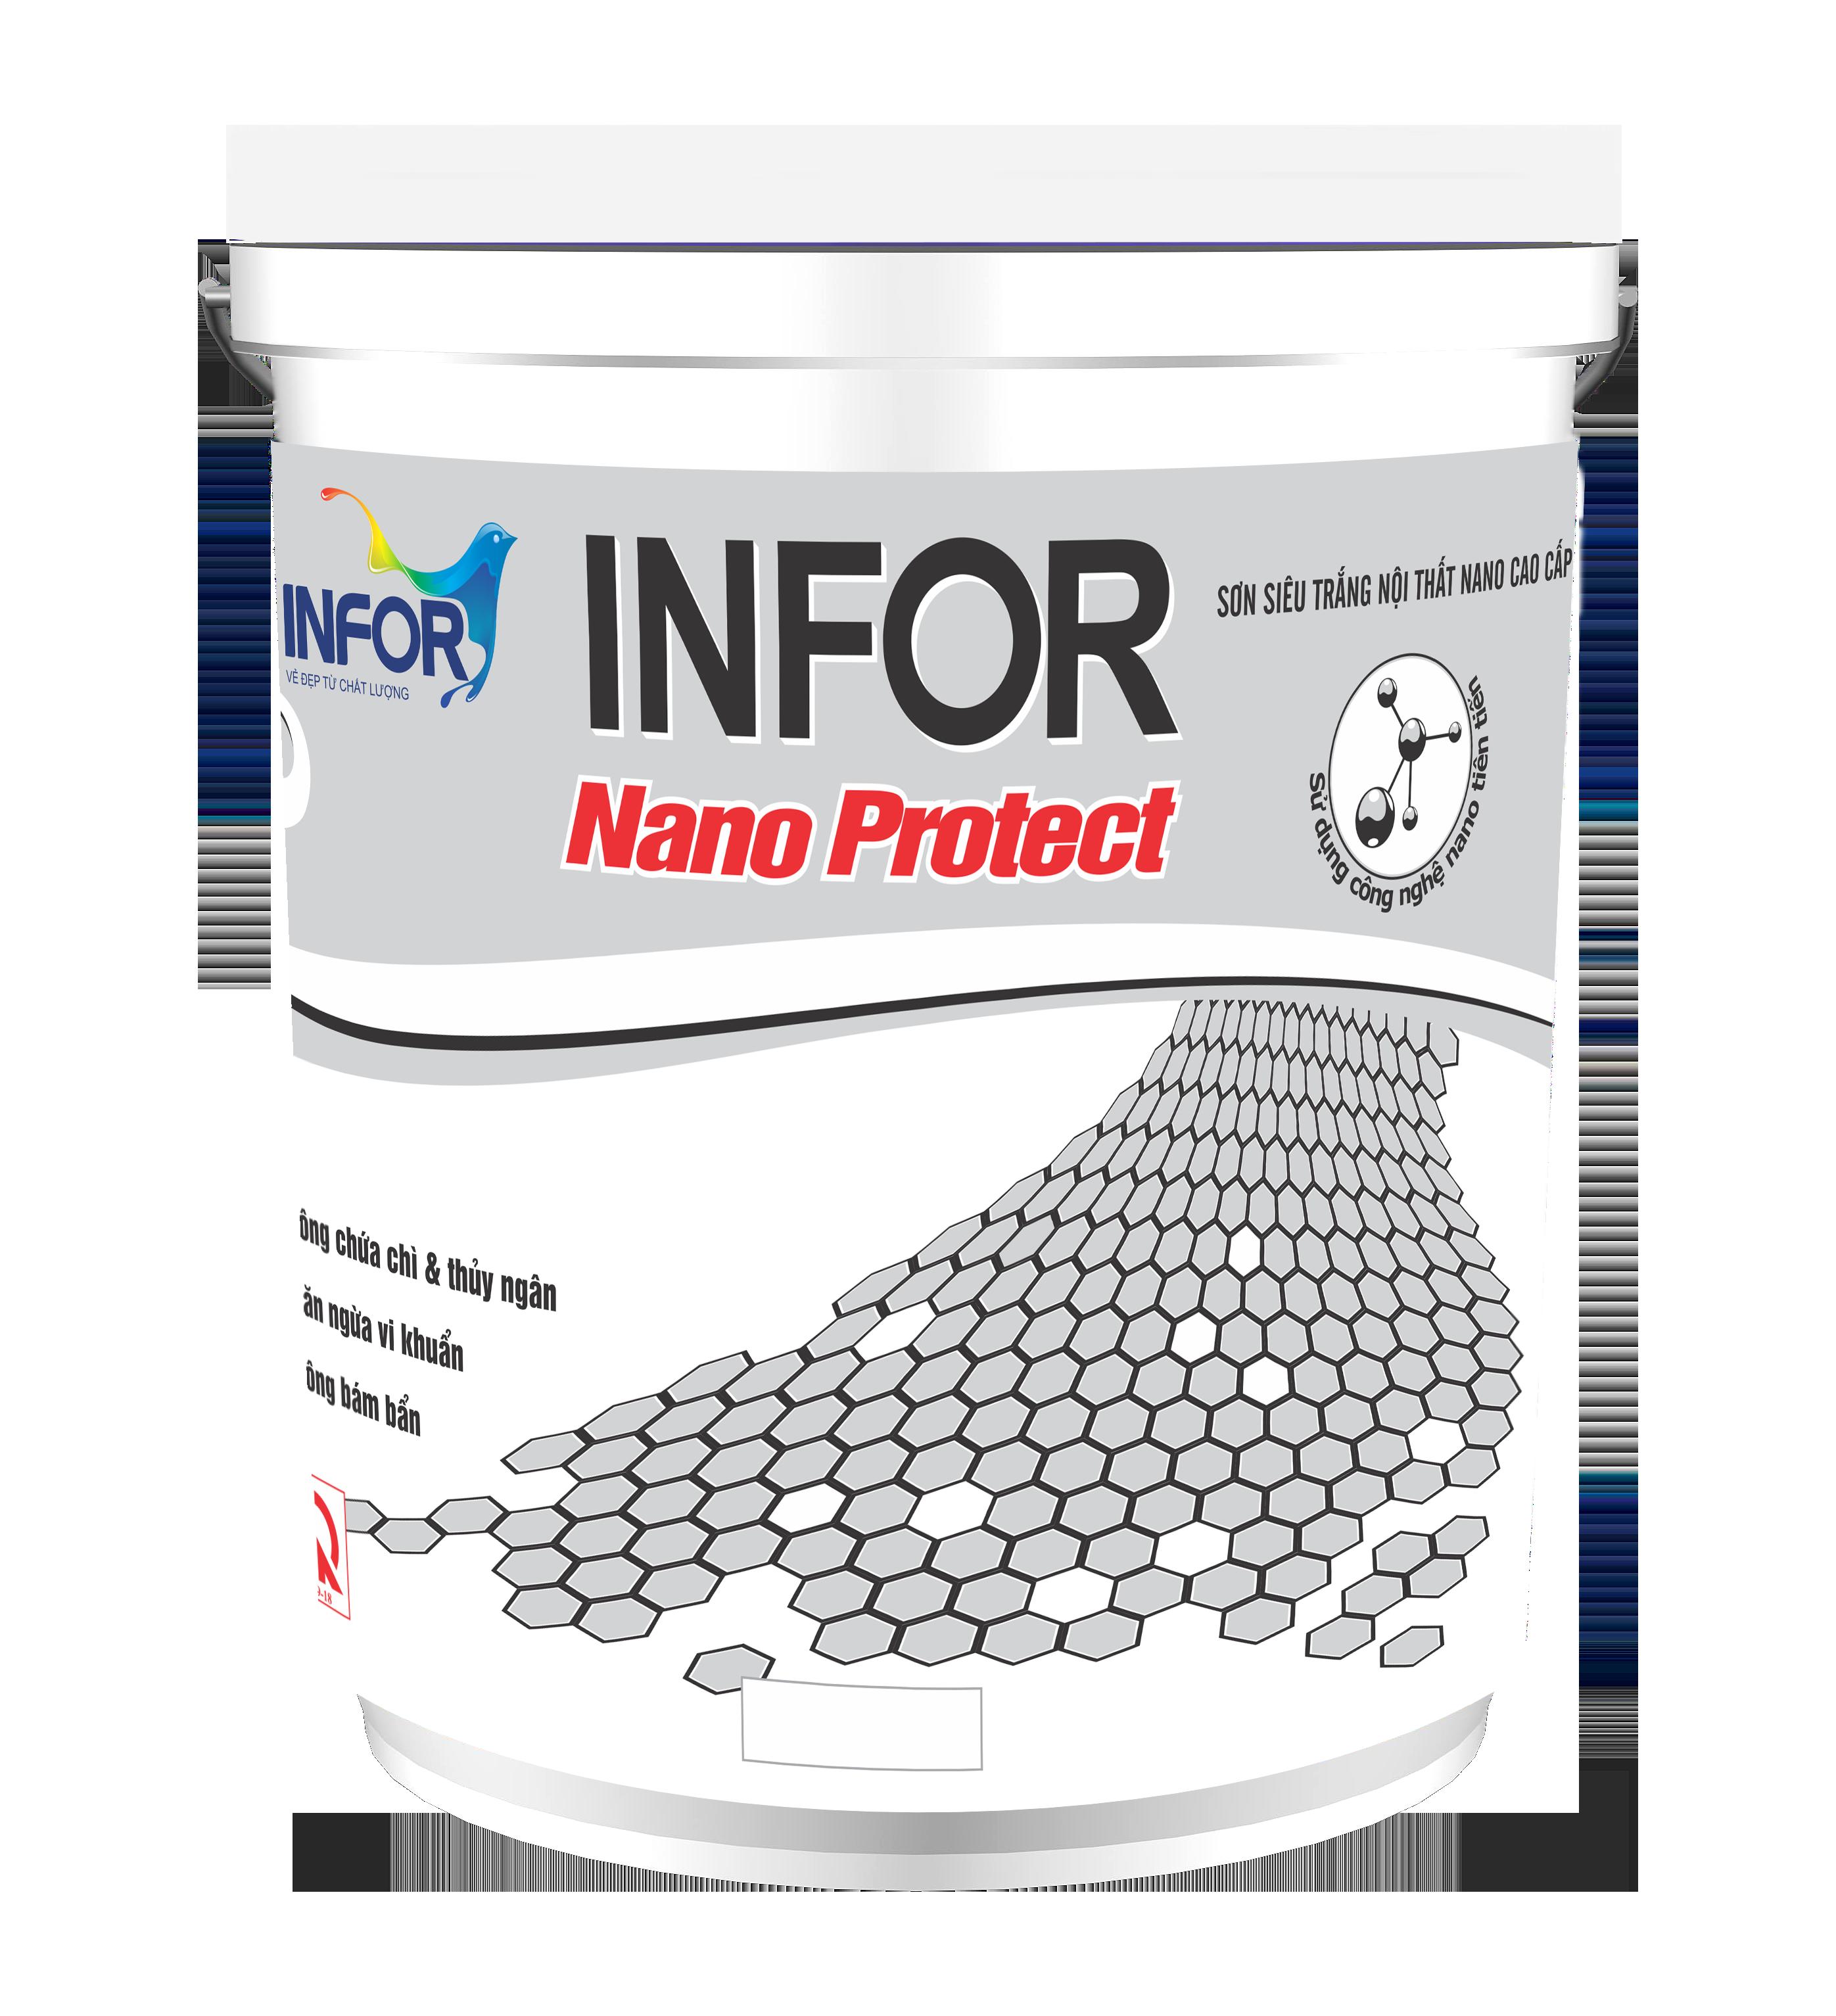 Sơn siêu trắng nội thất cao cấp – Nano Protect